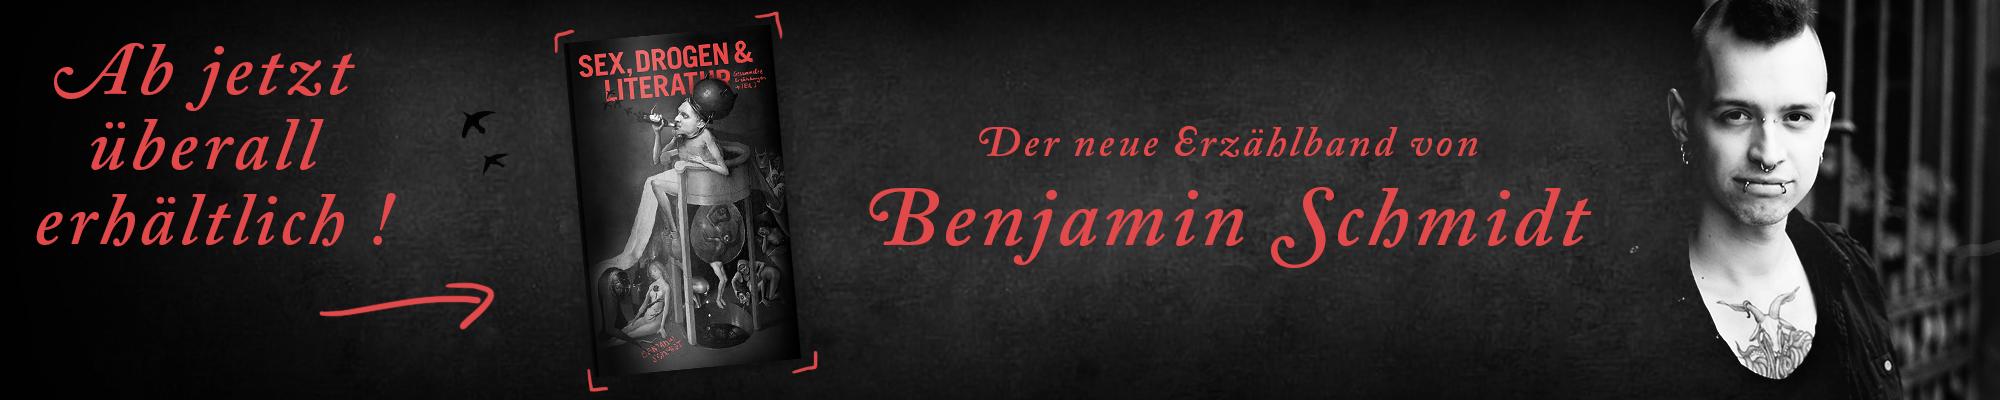 Benjamin-Schmidt-Sex-Drogen-Literatur-Banner